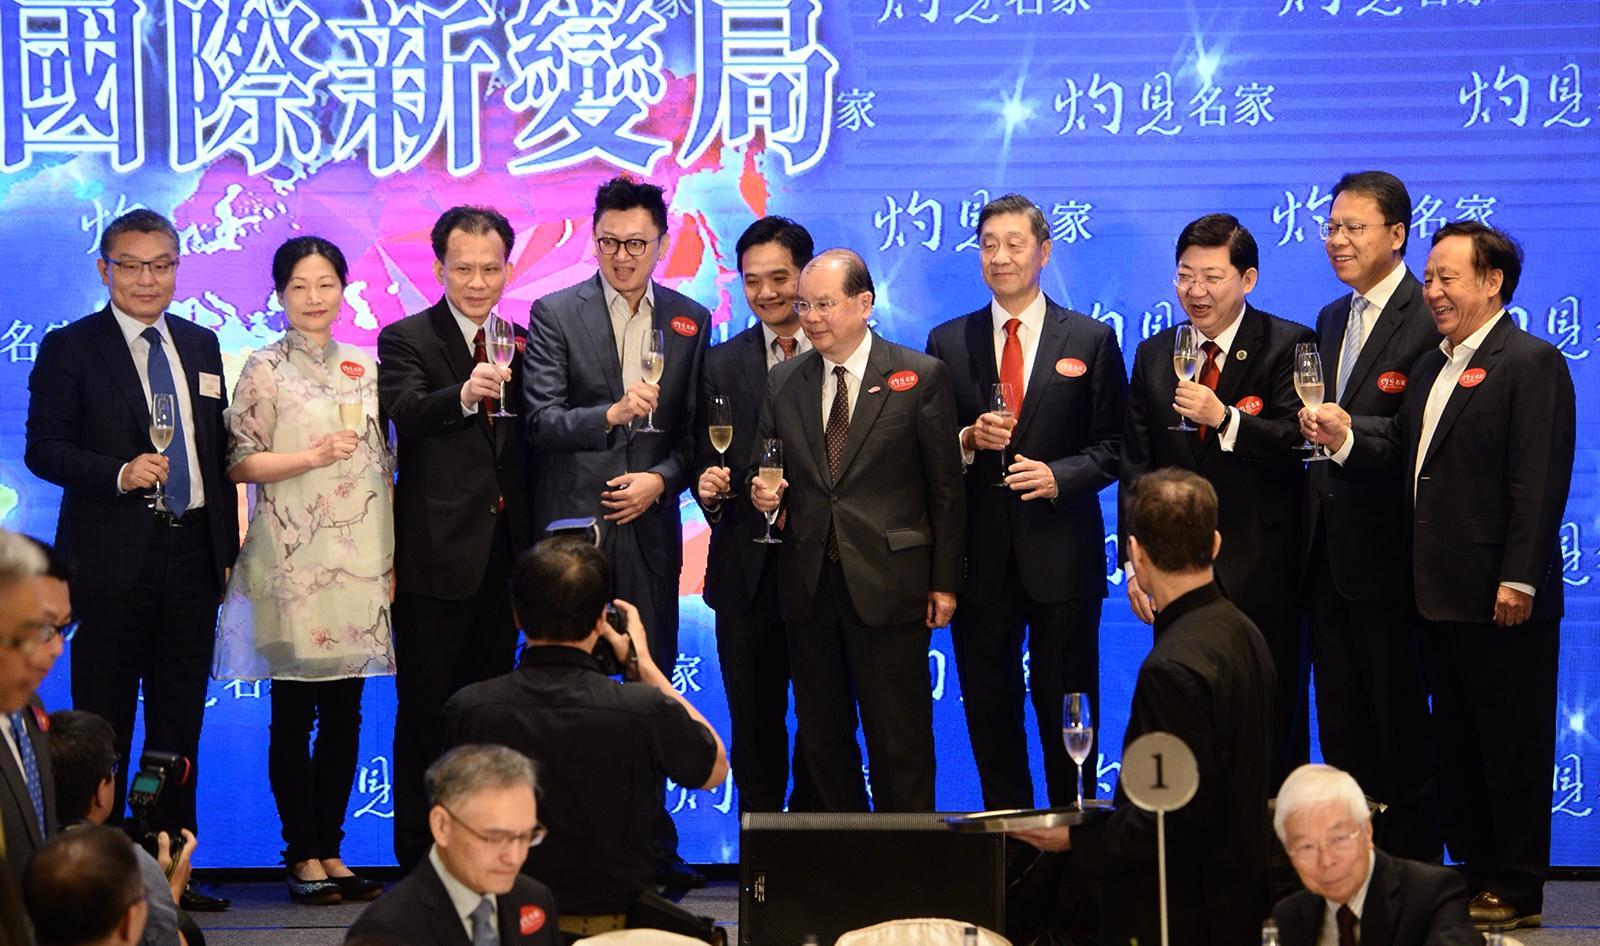 張建宗出席論壇時,提到若中美貿易衝突持續,香港將受到顯著的直接及間接影響。盧江球攝